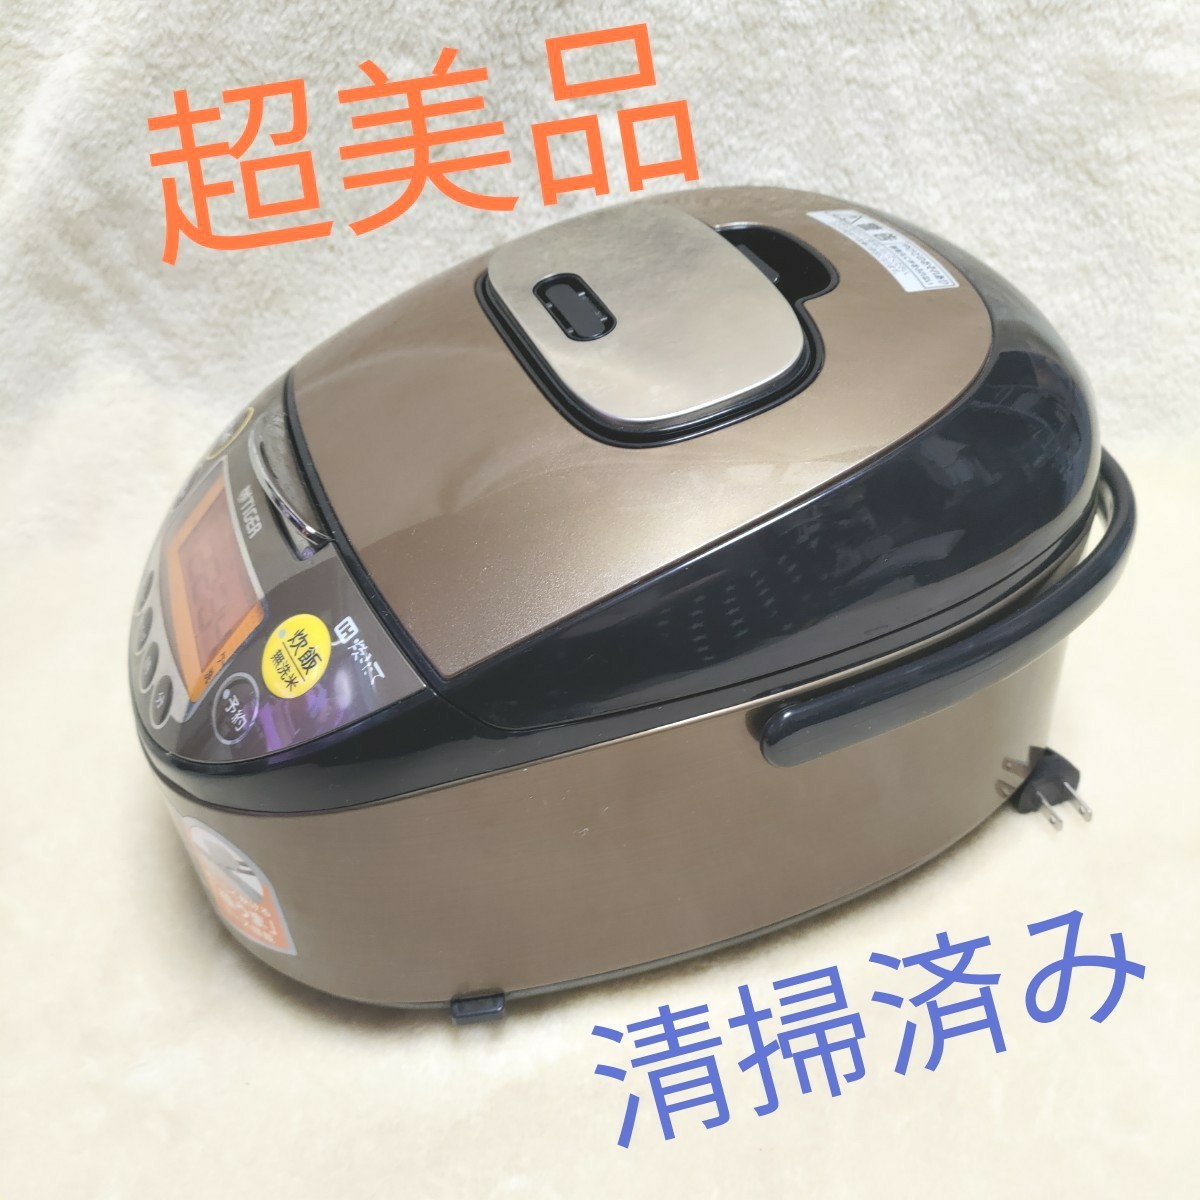 タイガー JKT-B102-TD IH炊飯ジャー 5.5合炊き 中古美品